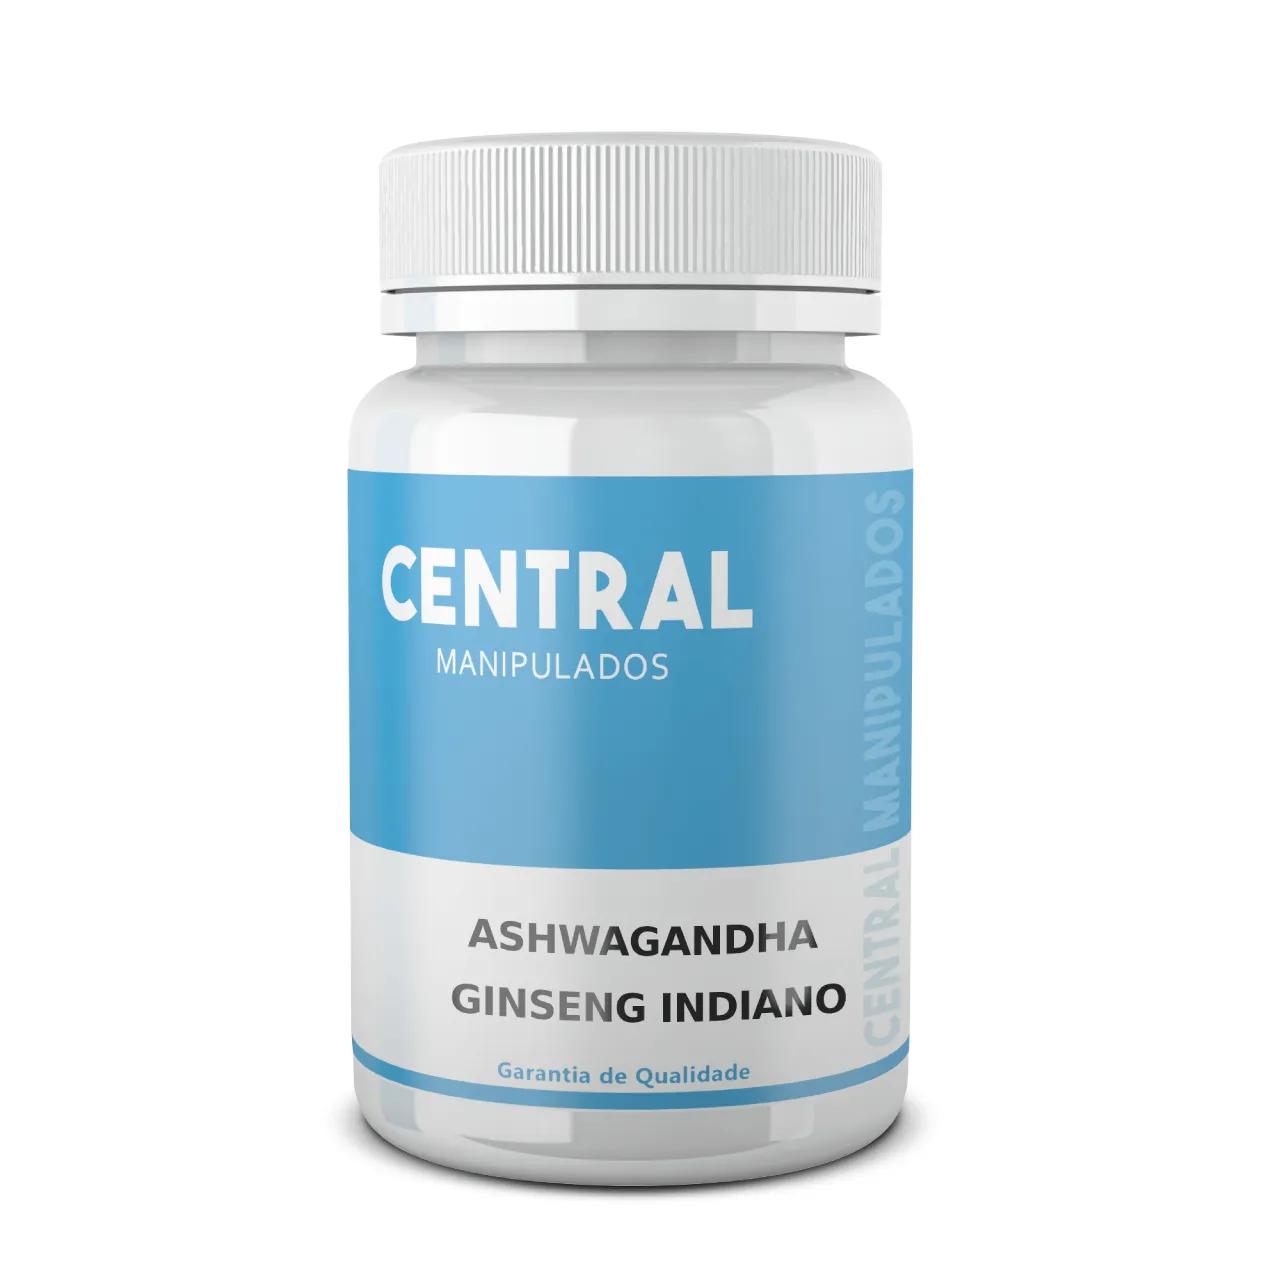 Ginseng Indiano - Ashwagandha - 500mg - 120 cápsulas - Energético e Revitalizante, Melhora Atenção e Sono